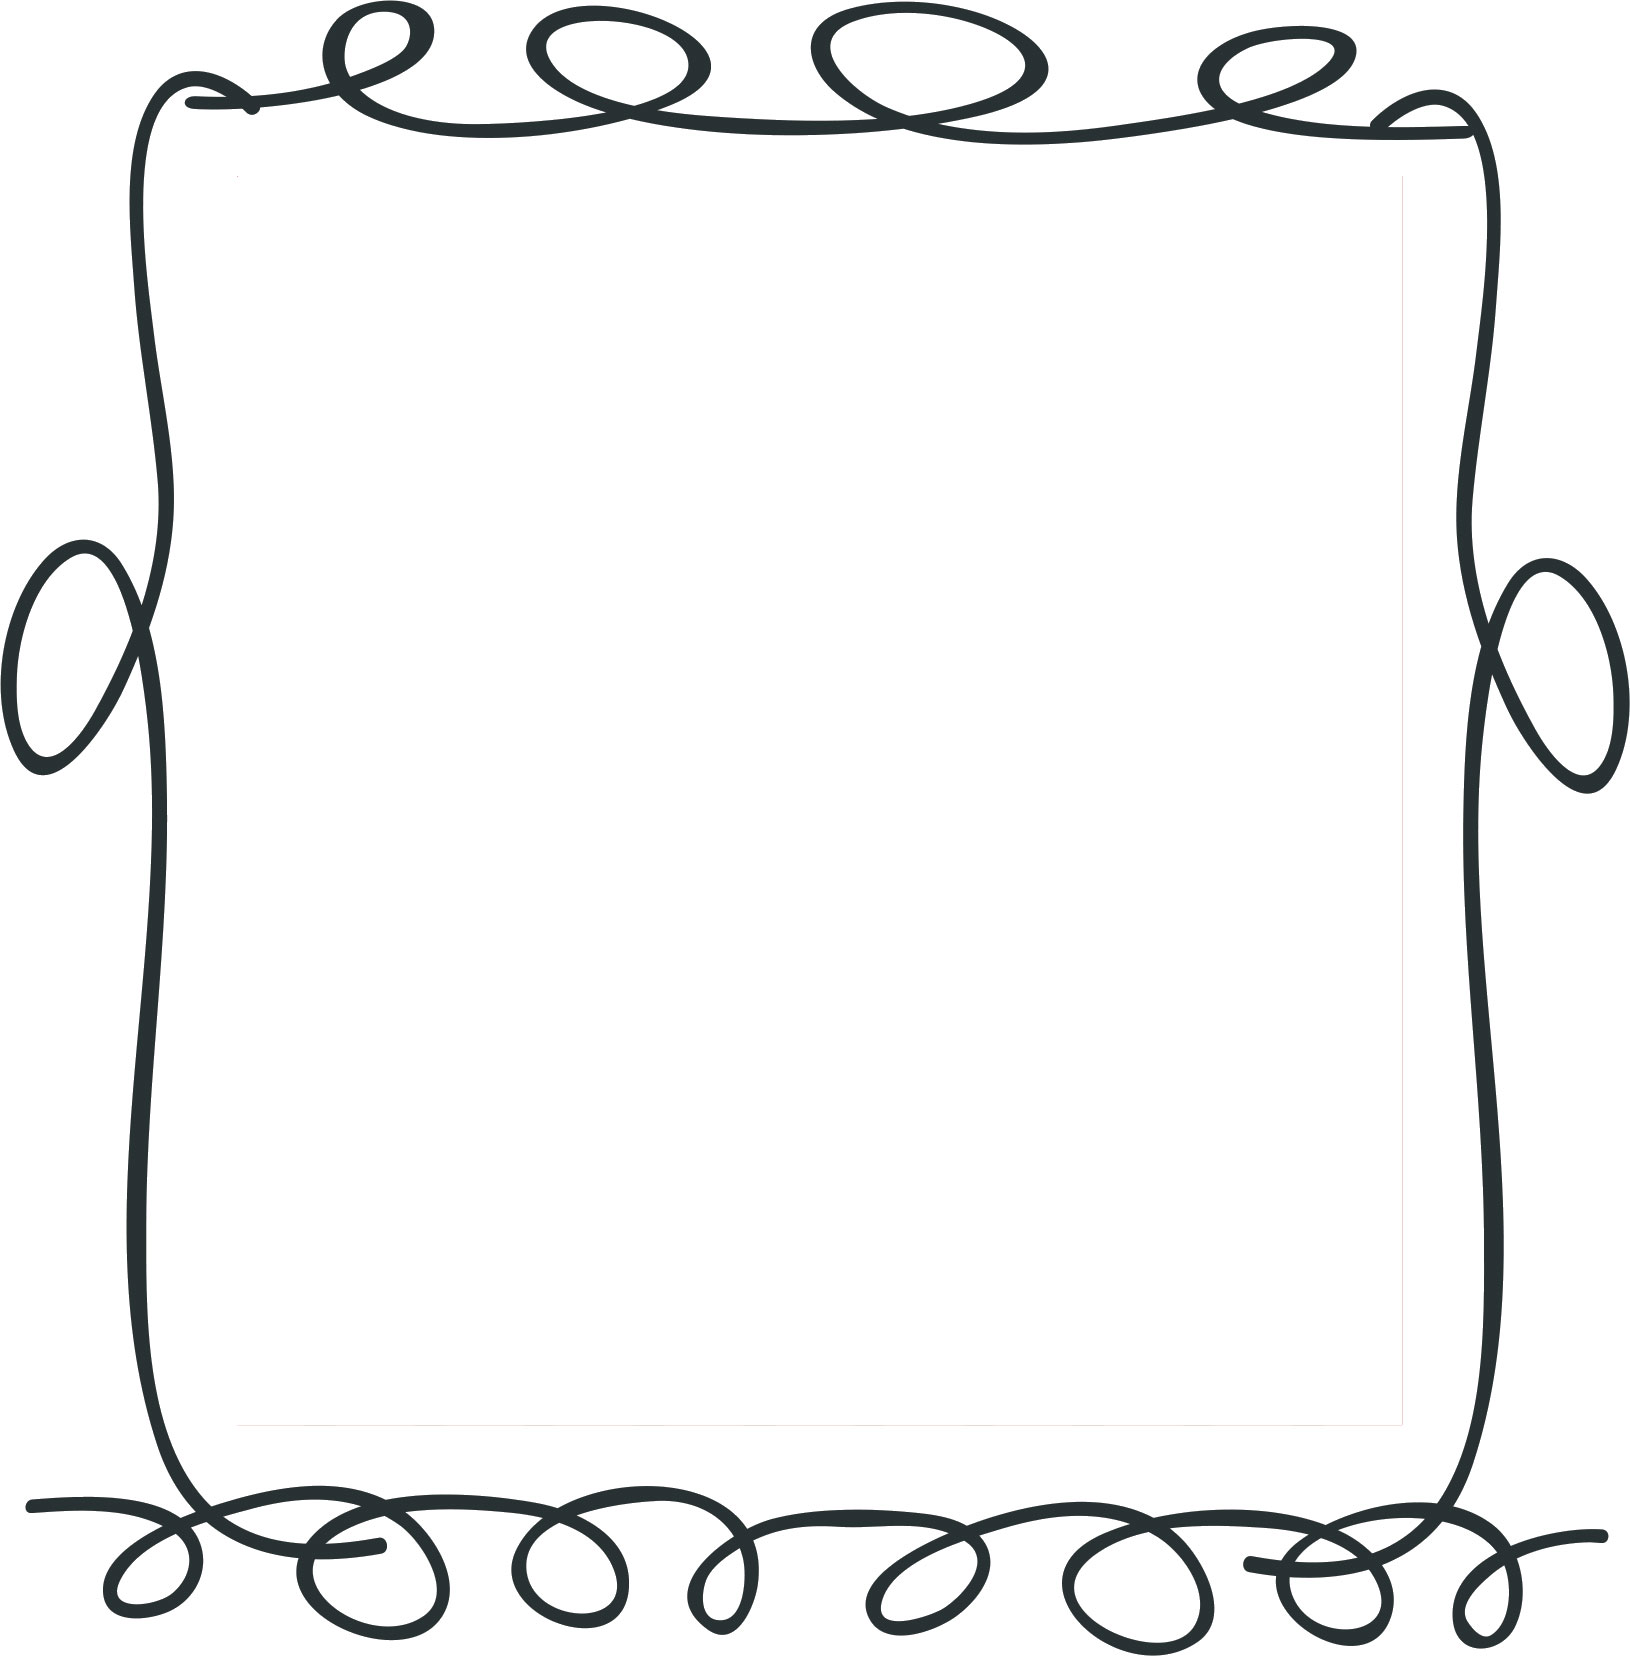 フレーム・囲い枠のイラストno.116『手書き風・ポップフレーム』/無料の